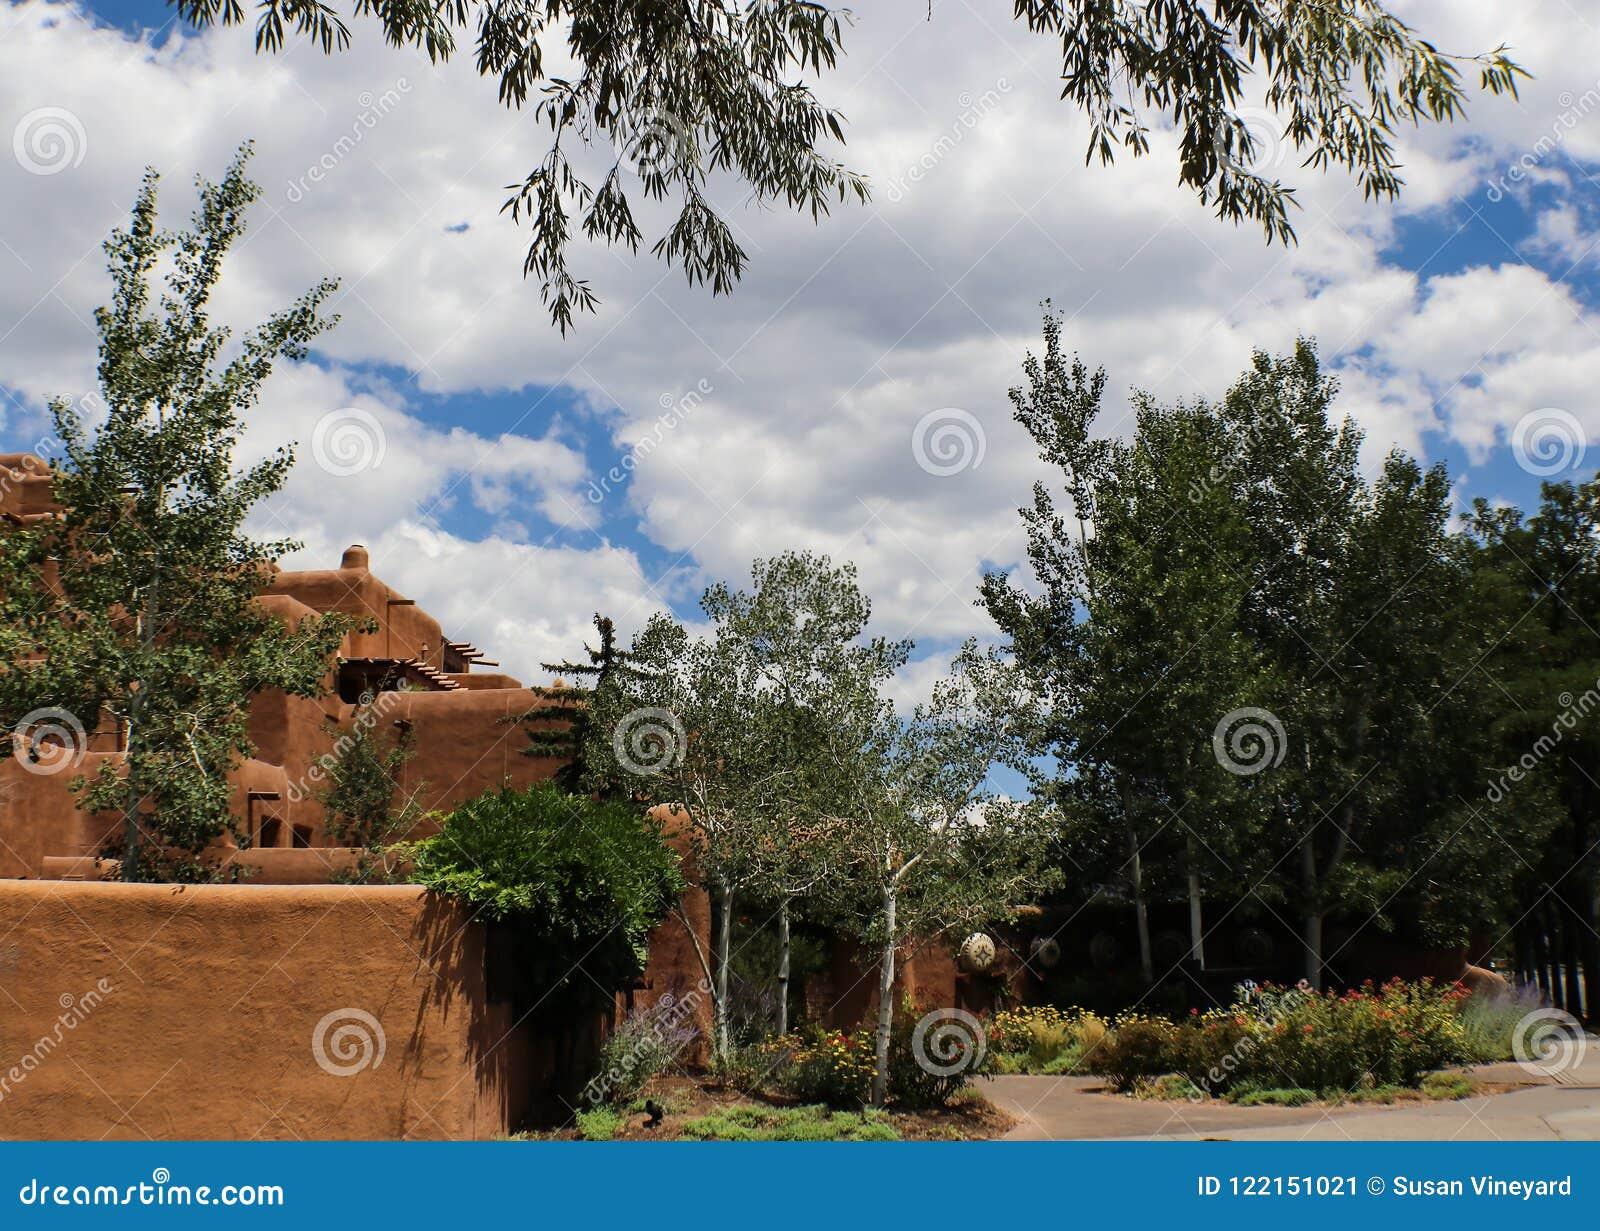 Arquitectura al sudoeste del adobe debajo de un cielo azul con las nubes blancas mullidas y rodeado y enmarcado por los árboles